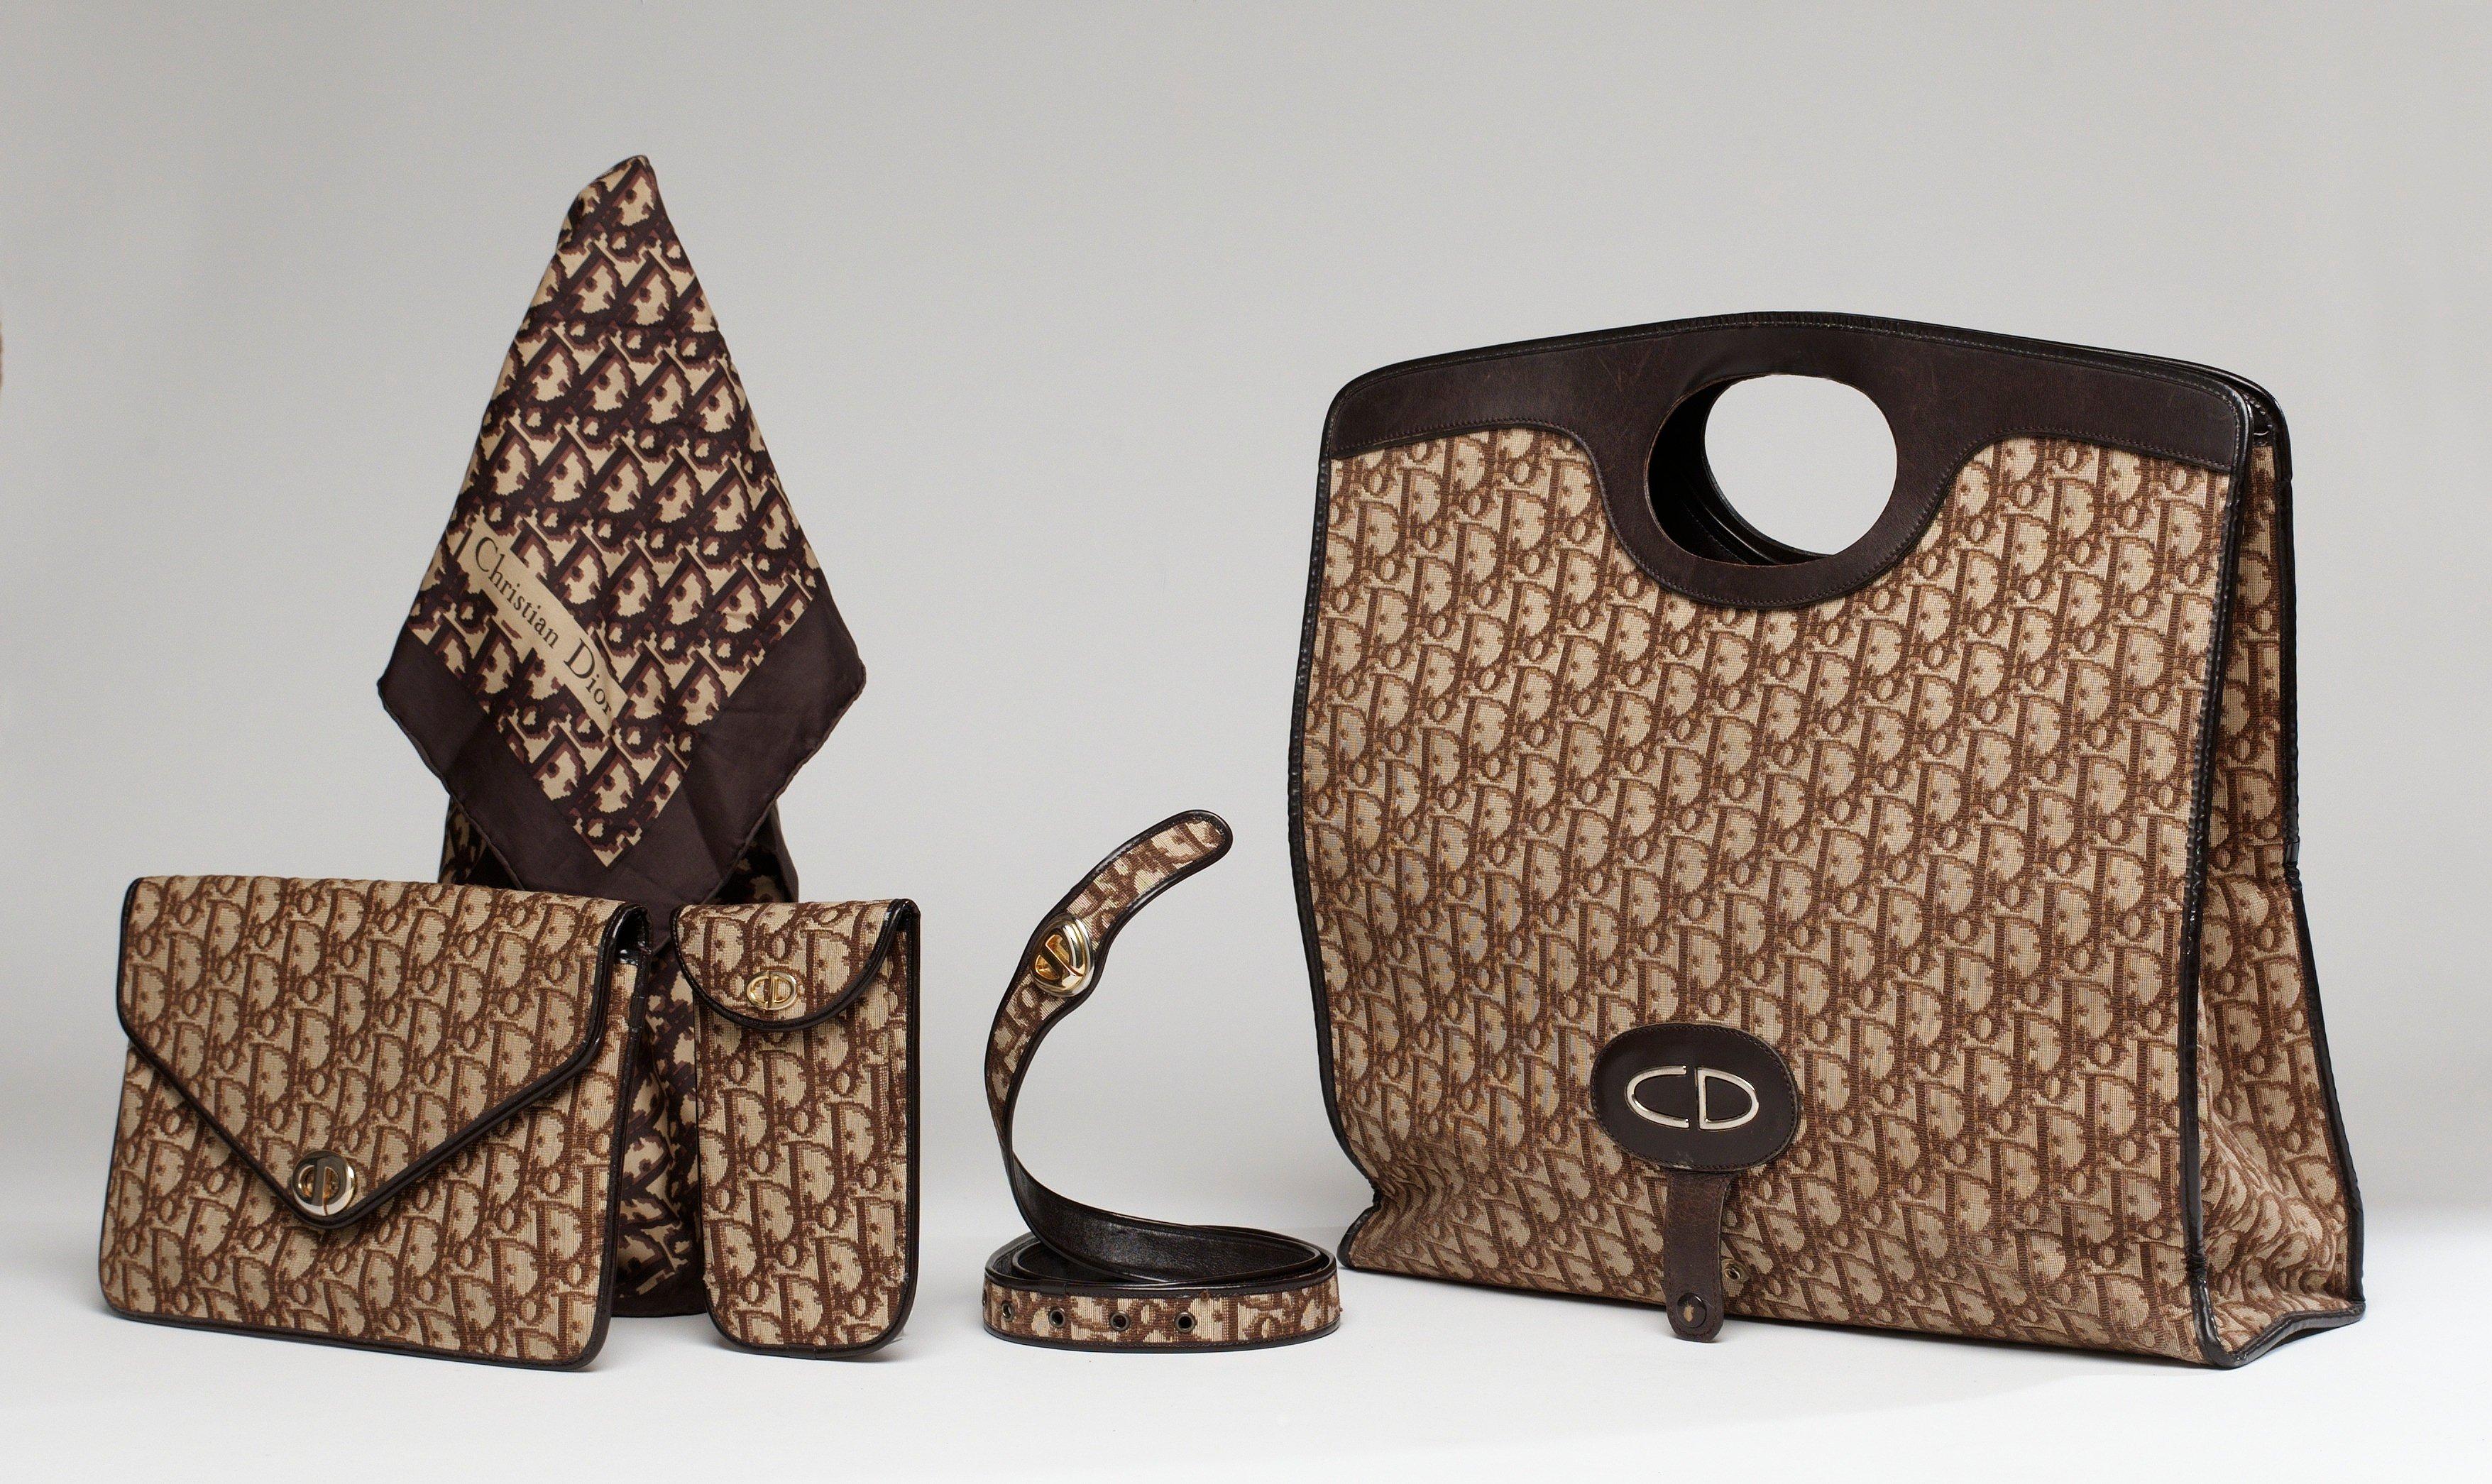 Fashionyouknow Images Christian Dior Vskor Bing Images  : 3998896fullsize from favefaves.com size 3511 x 2091 jpeg 1503kB